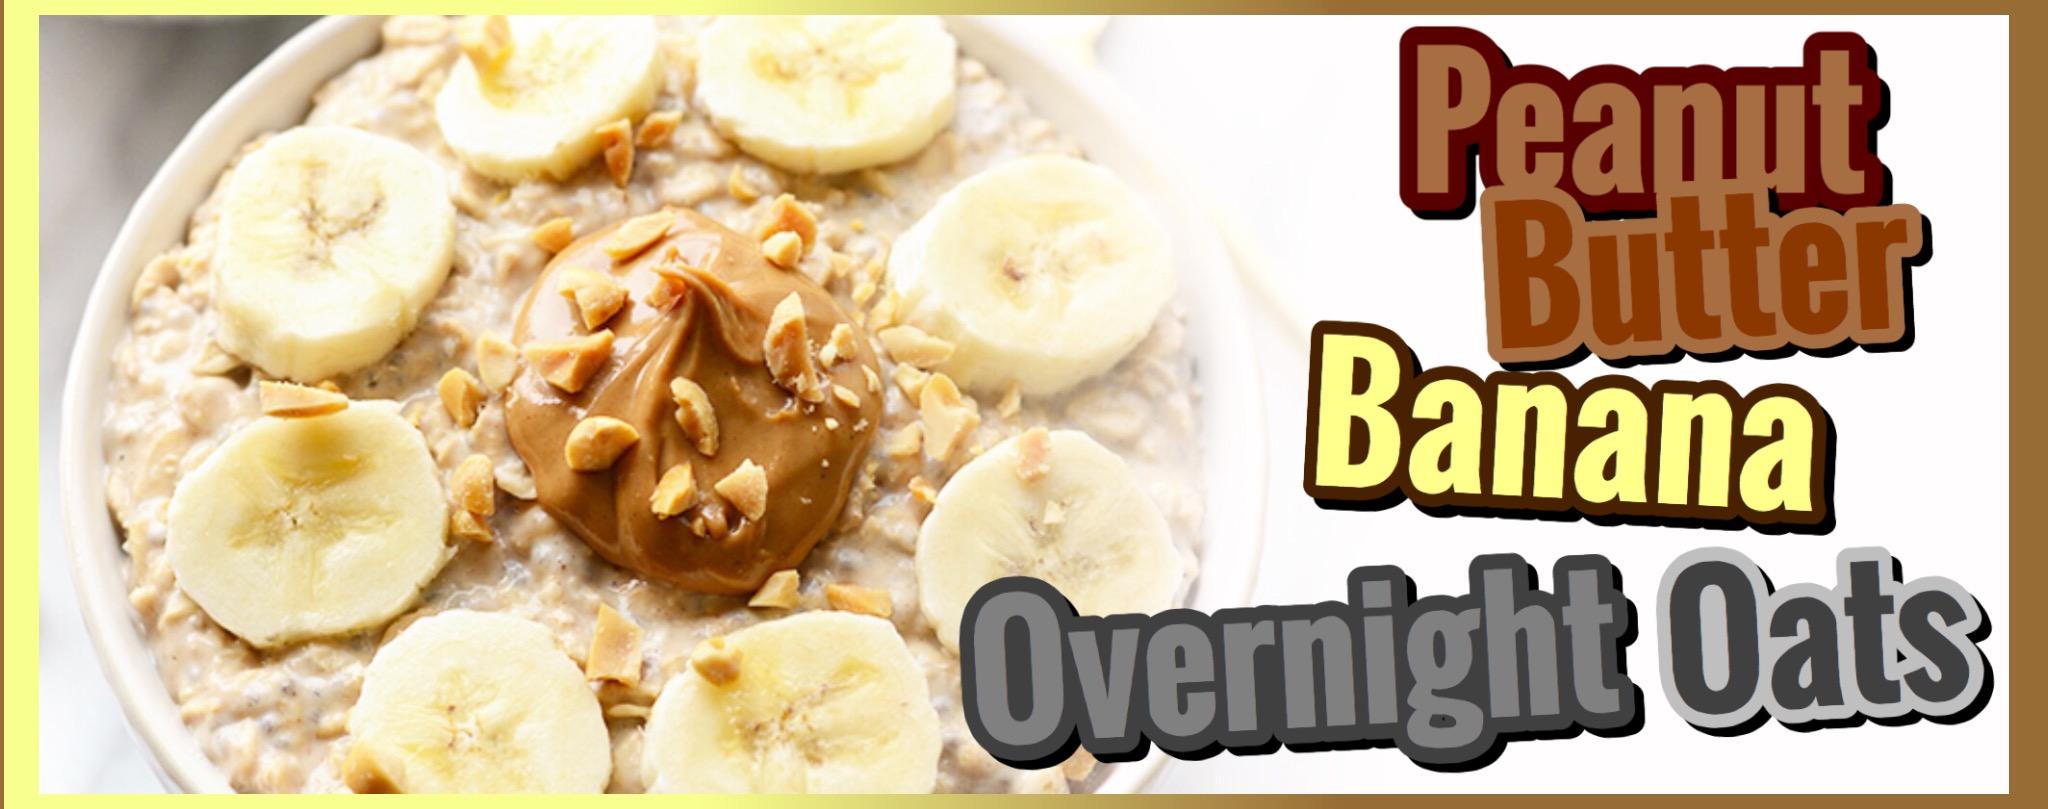 pb-banana-thumbnail.JPG